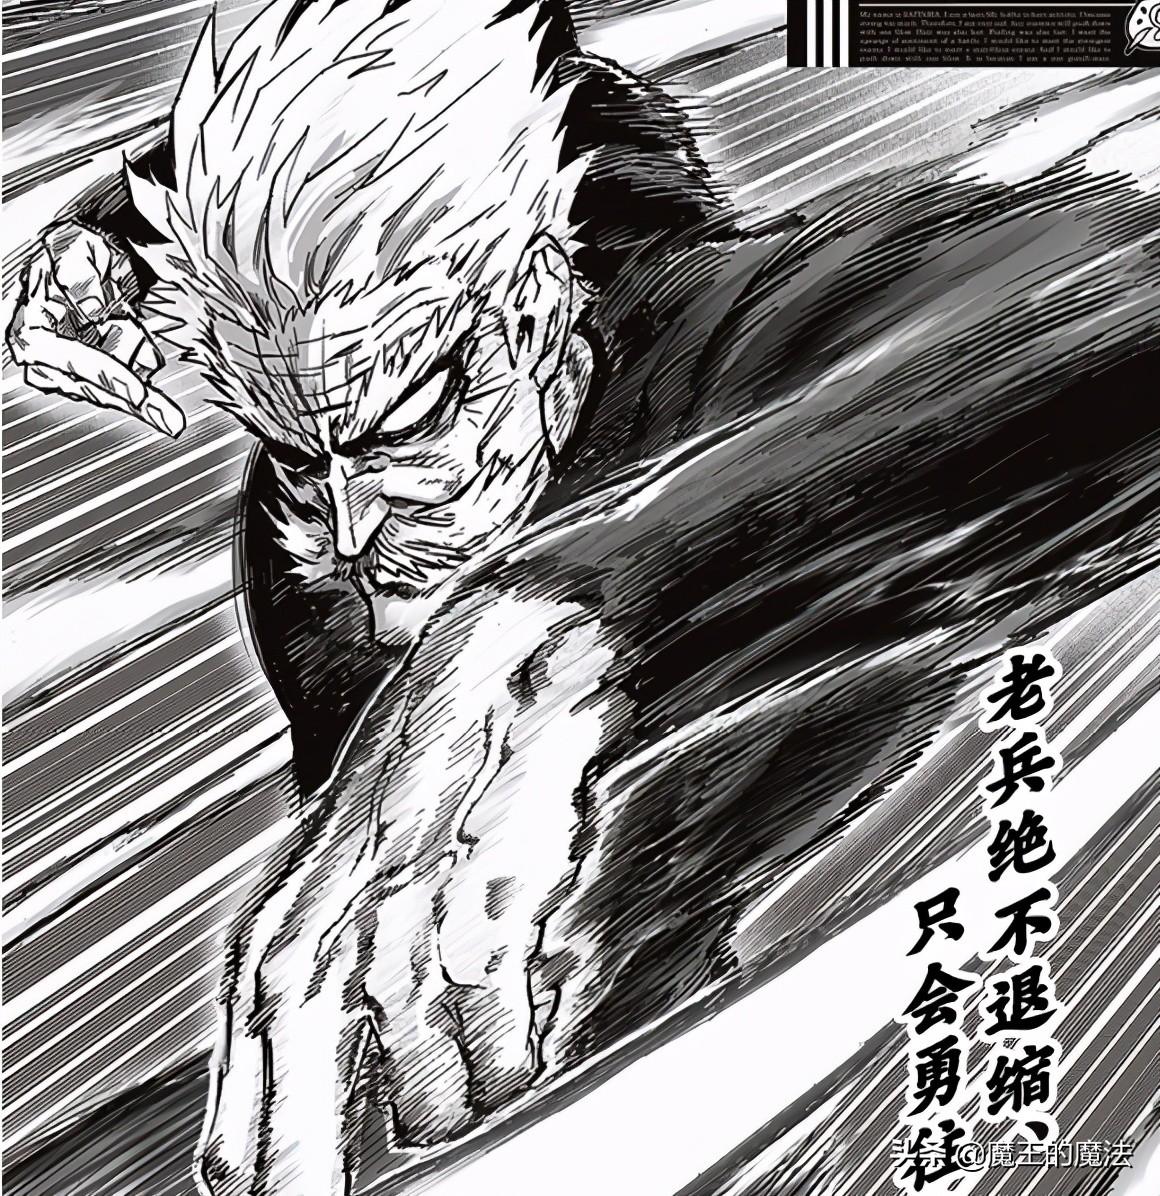 一拳超人:邦古老當益壯大爆發,丑陋大總統變身柔弱書生不堪一擊